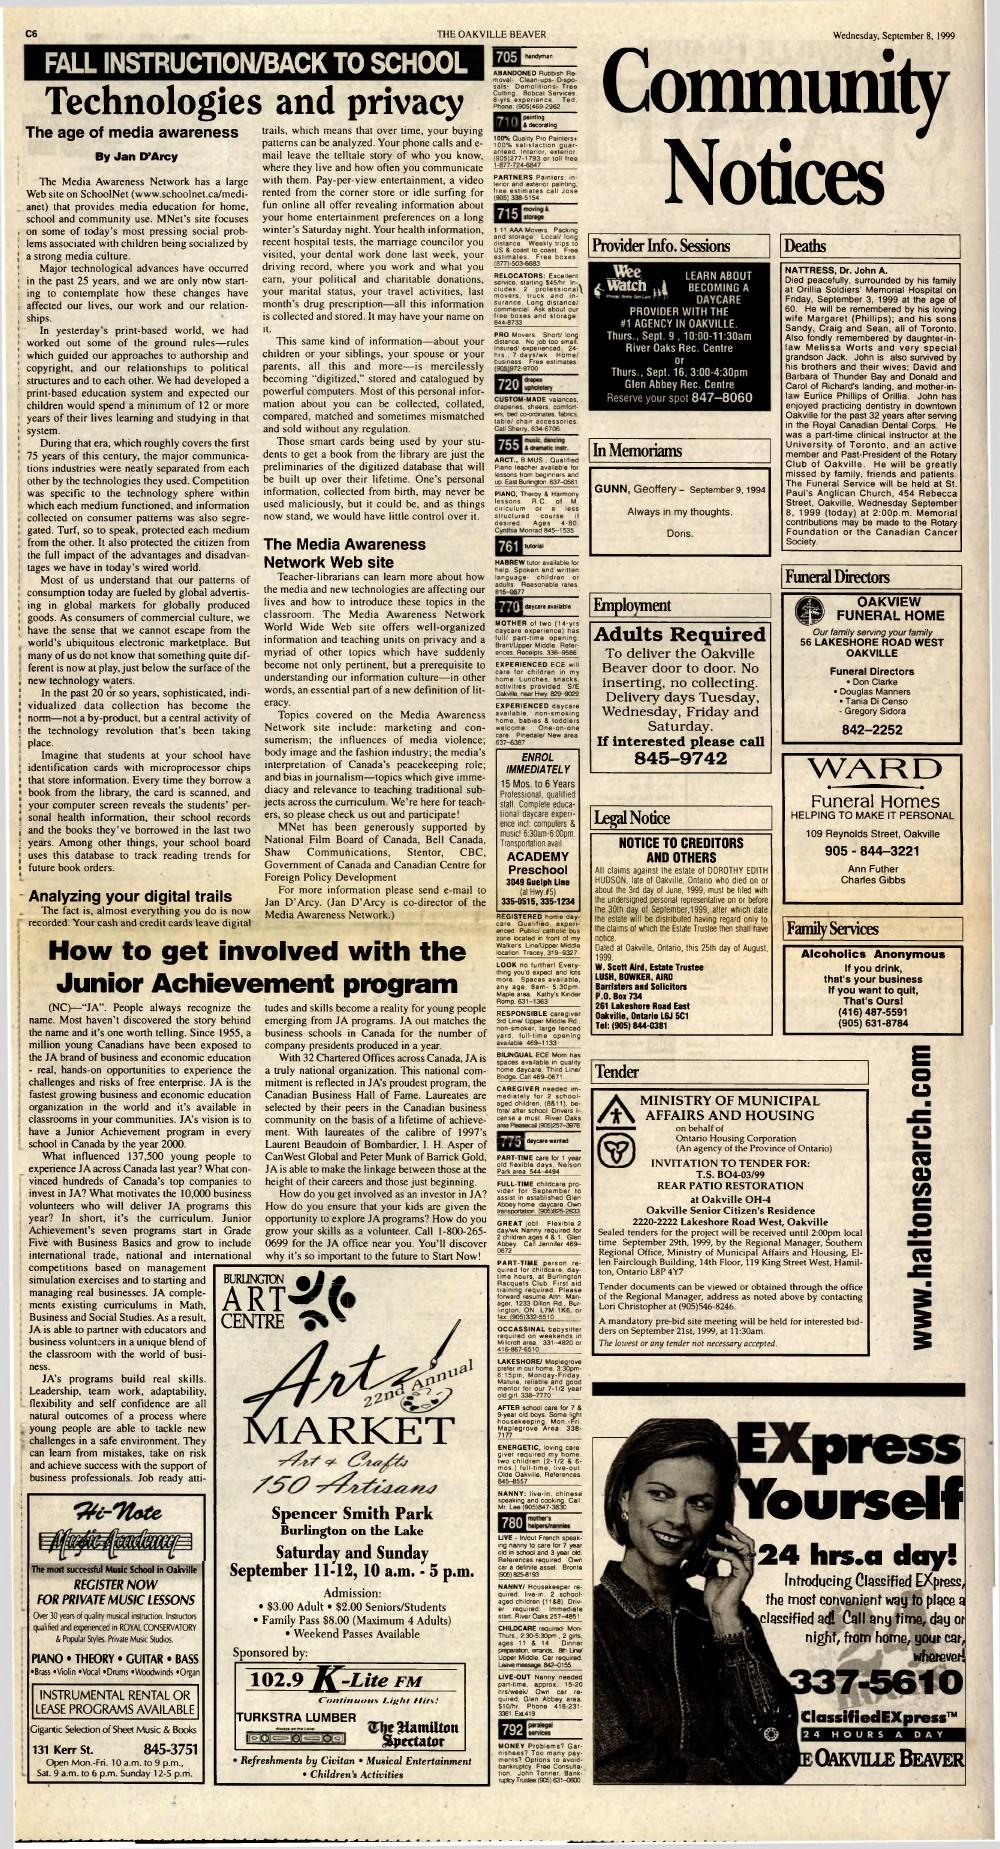 Oakville Beaver, 8 Sep 1999